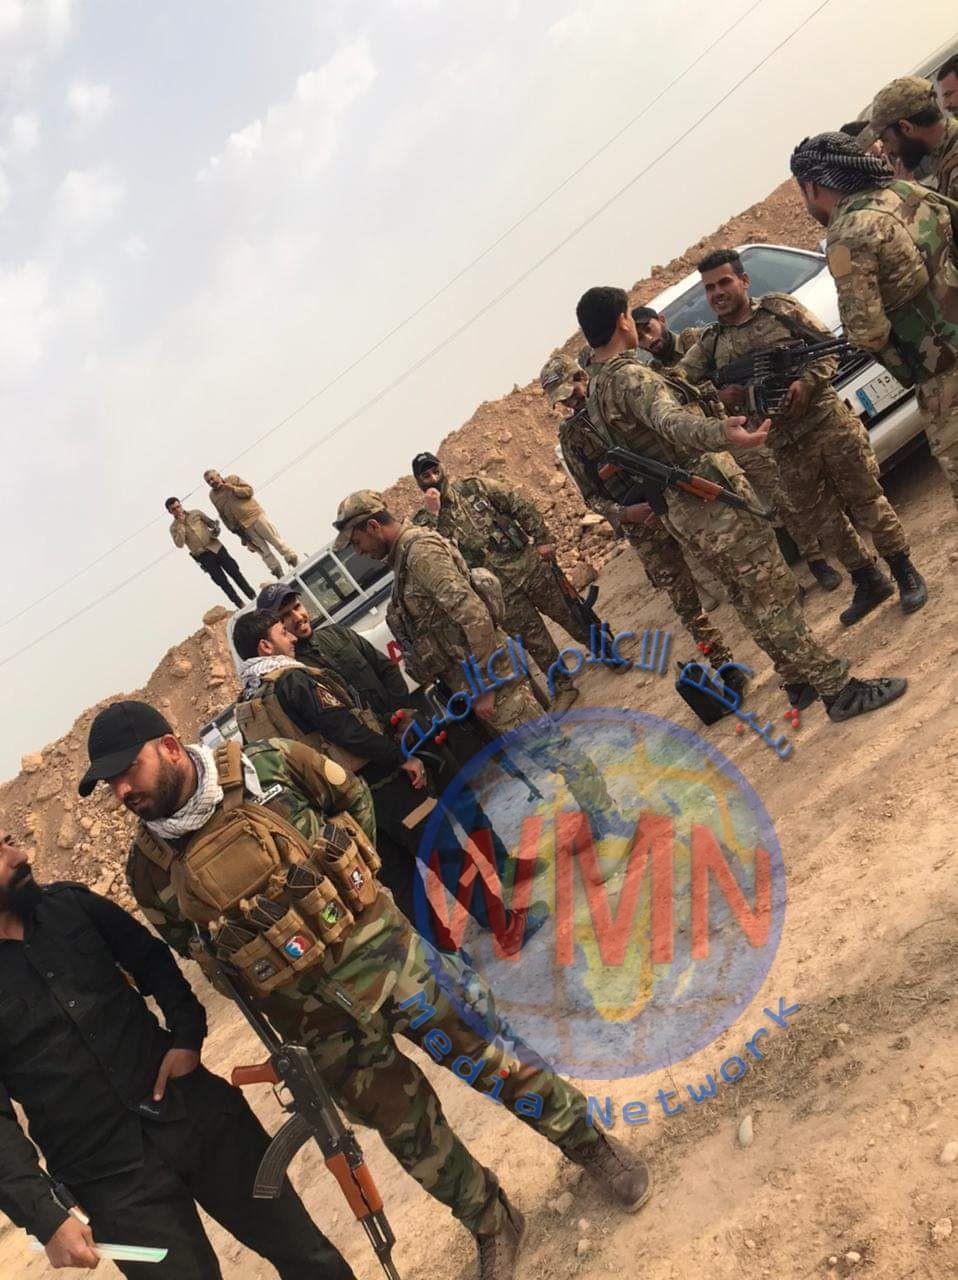 الحشد الشعبي والقوات الأمنية يشرعان بعملية أمنية واسعة لملاحقة فلول داعش شمال شرق ديالى